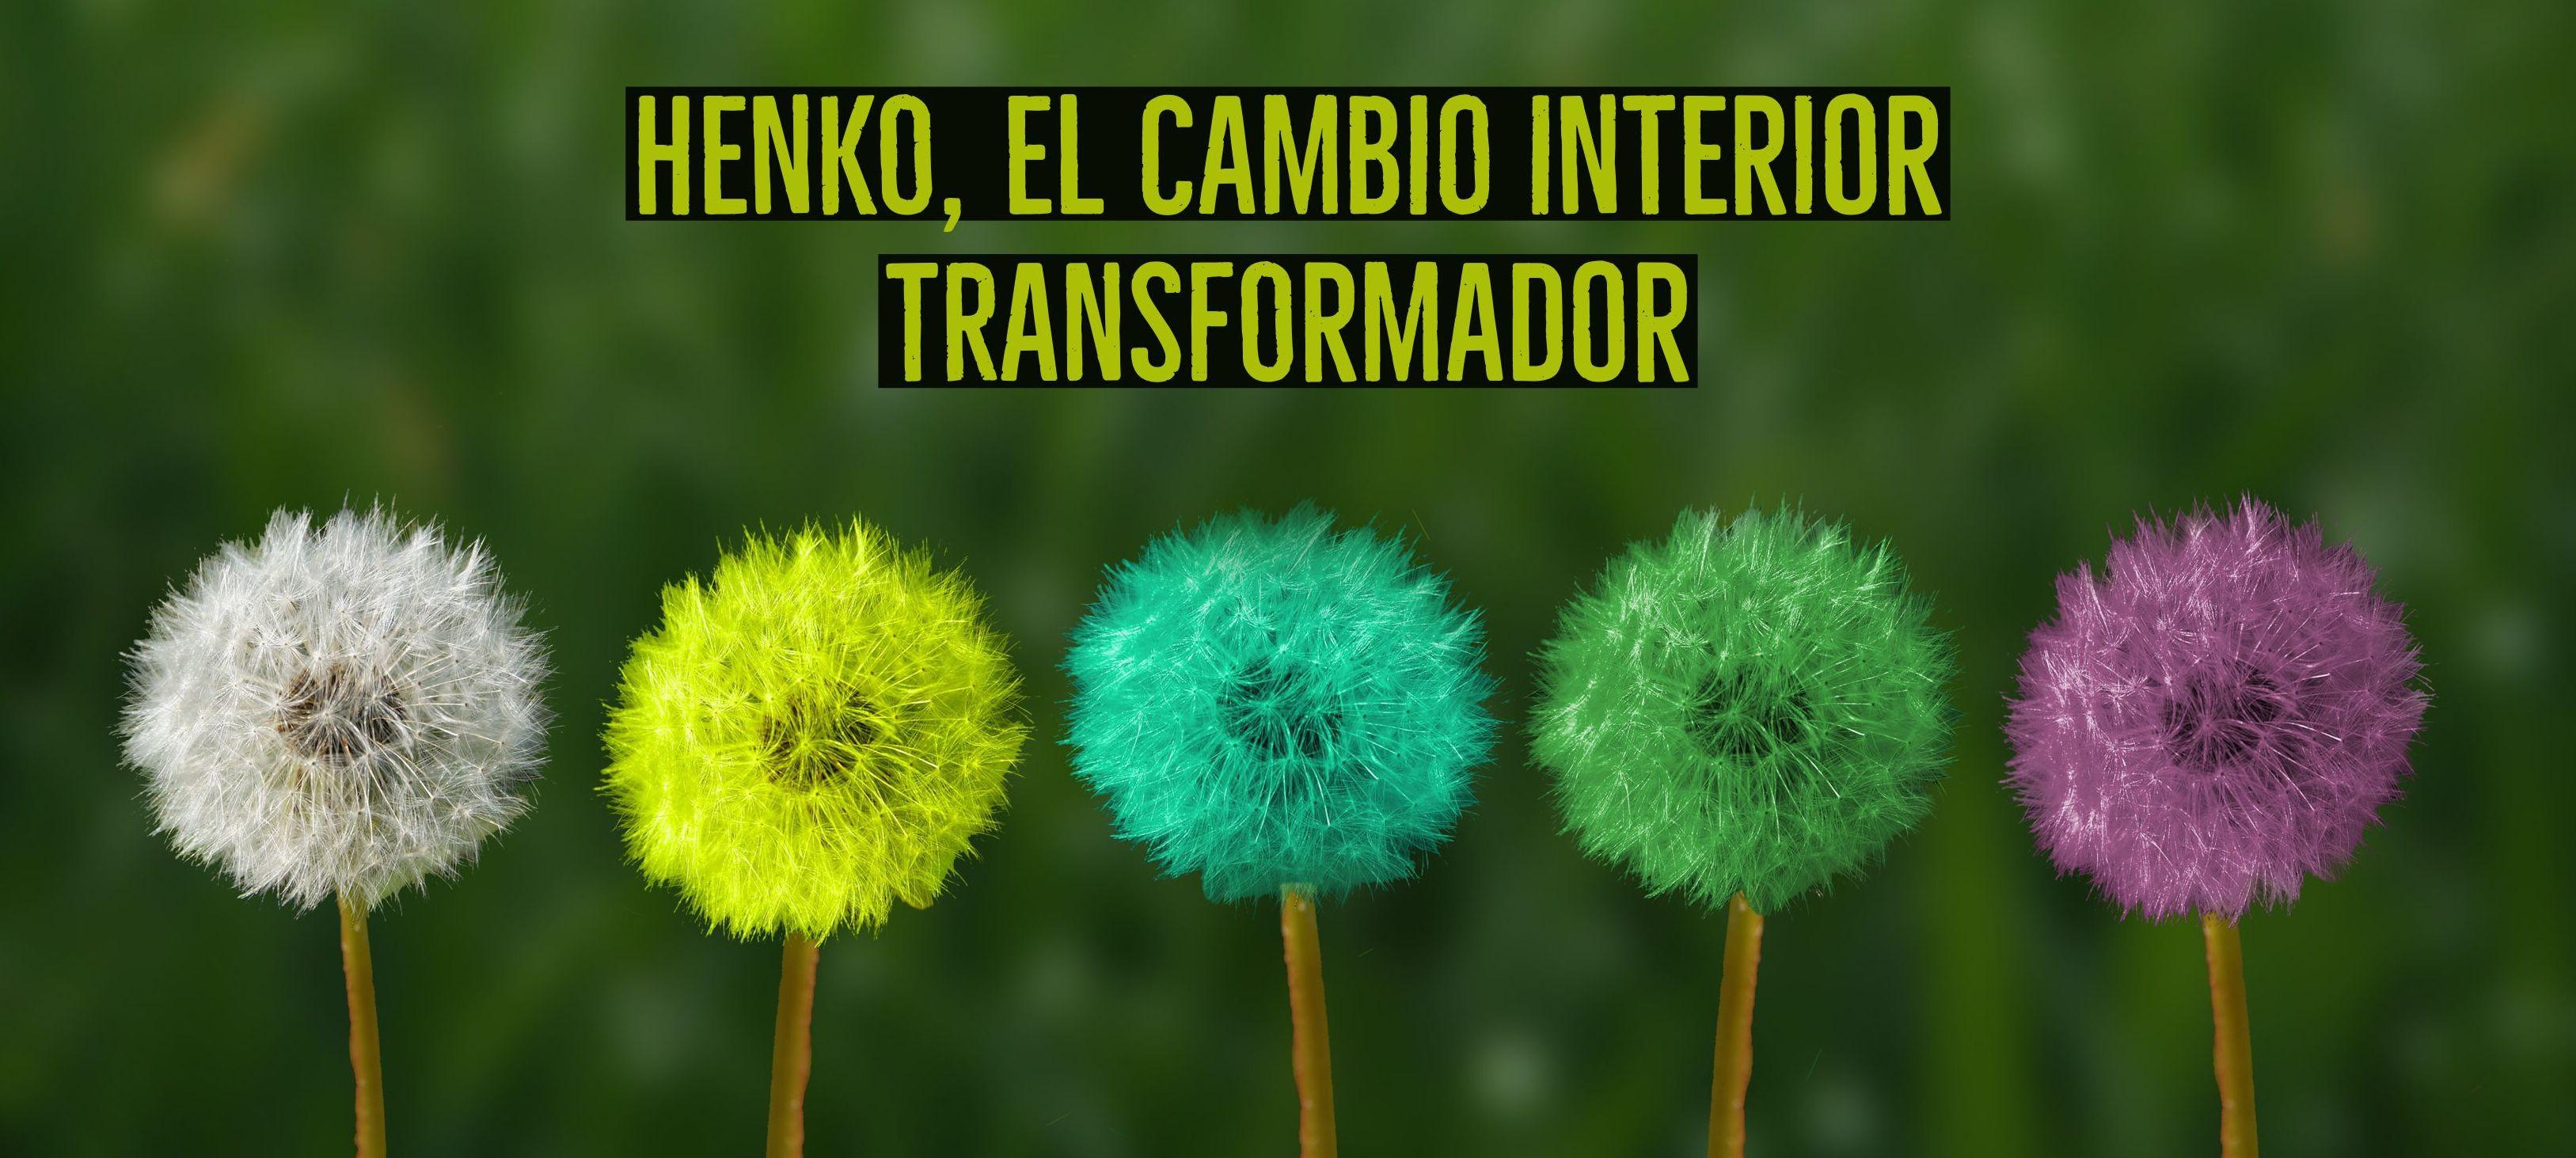 Henko, el cambio interior transformador